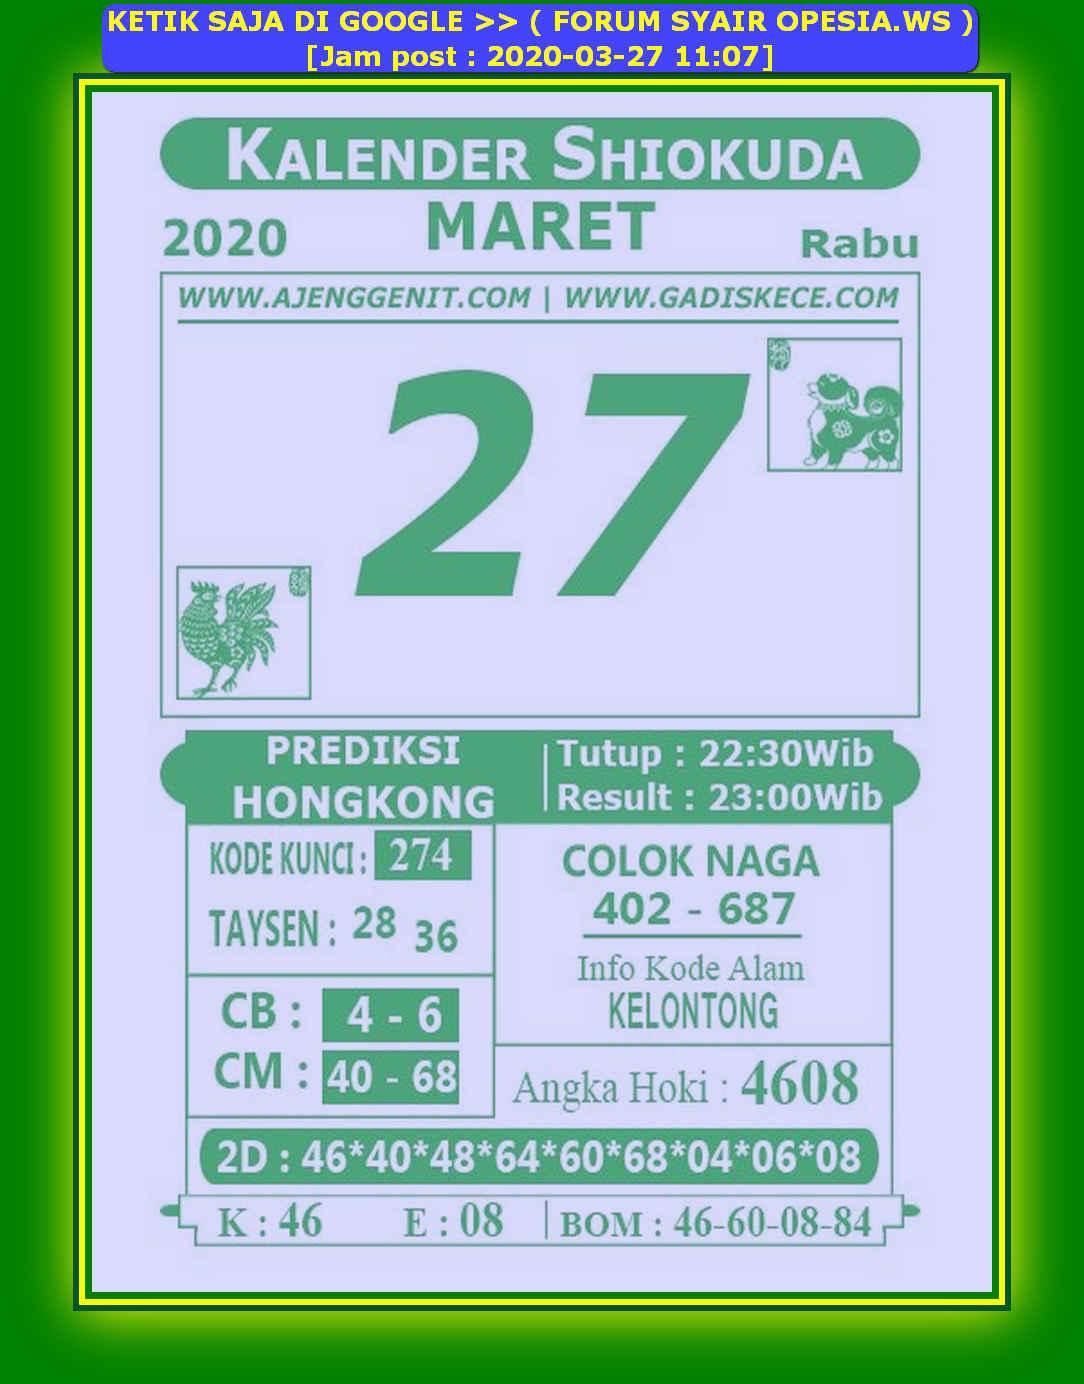 Kode syair Hongkong Jumat 27 Maret 2020 146